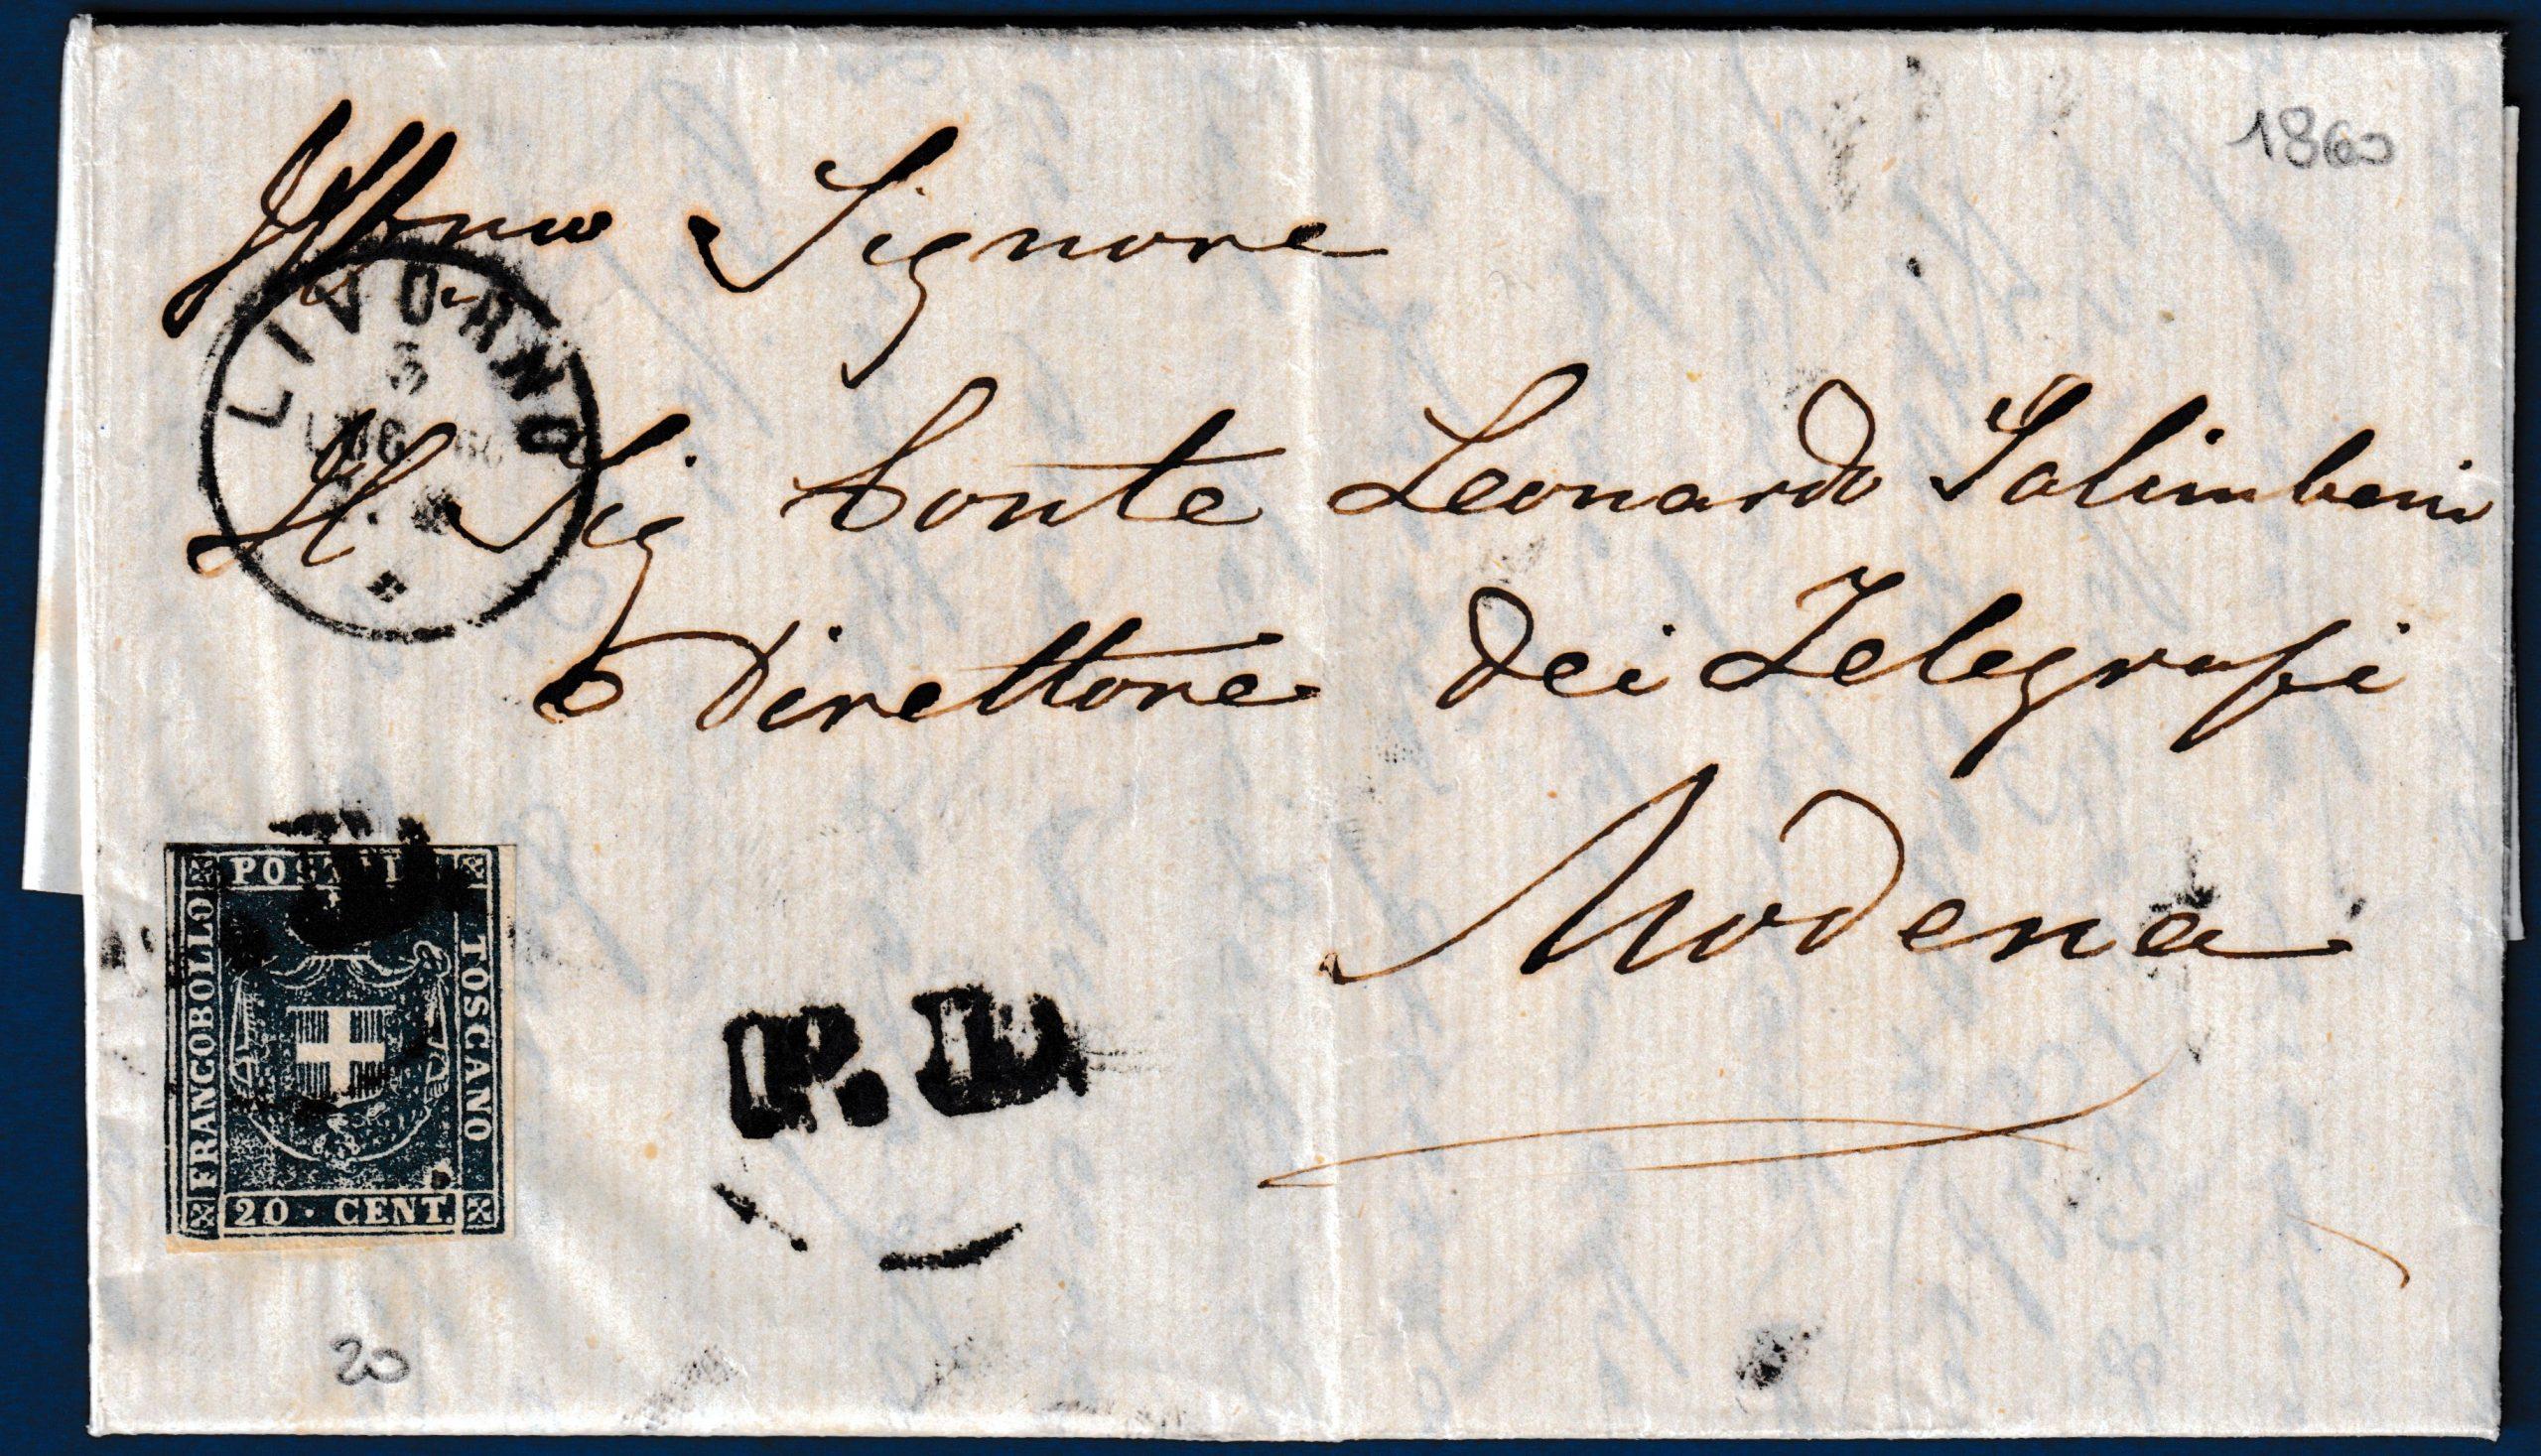 1860 - Toscana - Lettera resa franca con cent.20 n.20